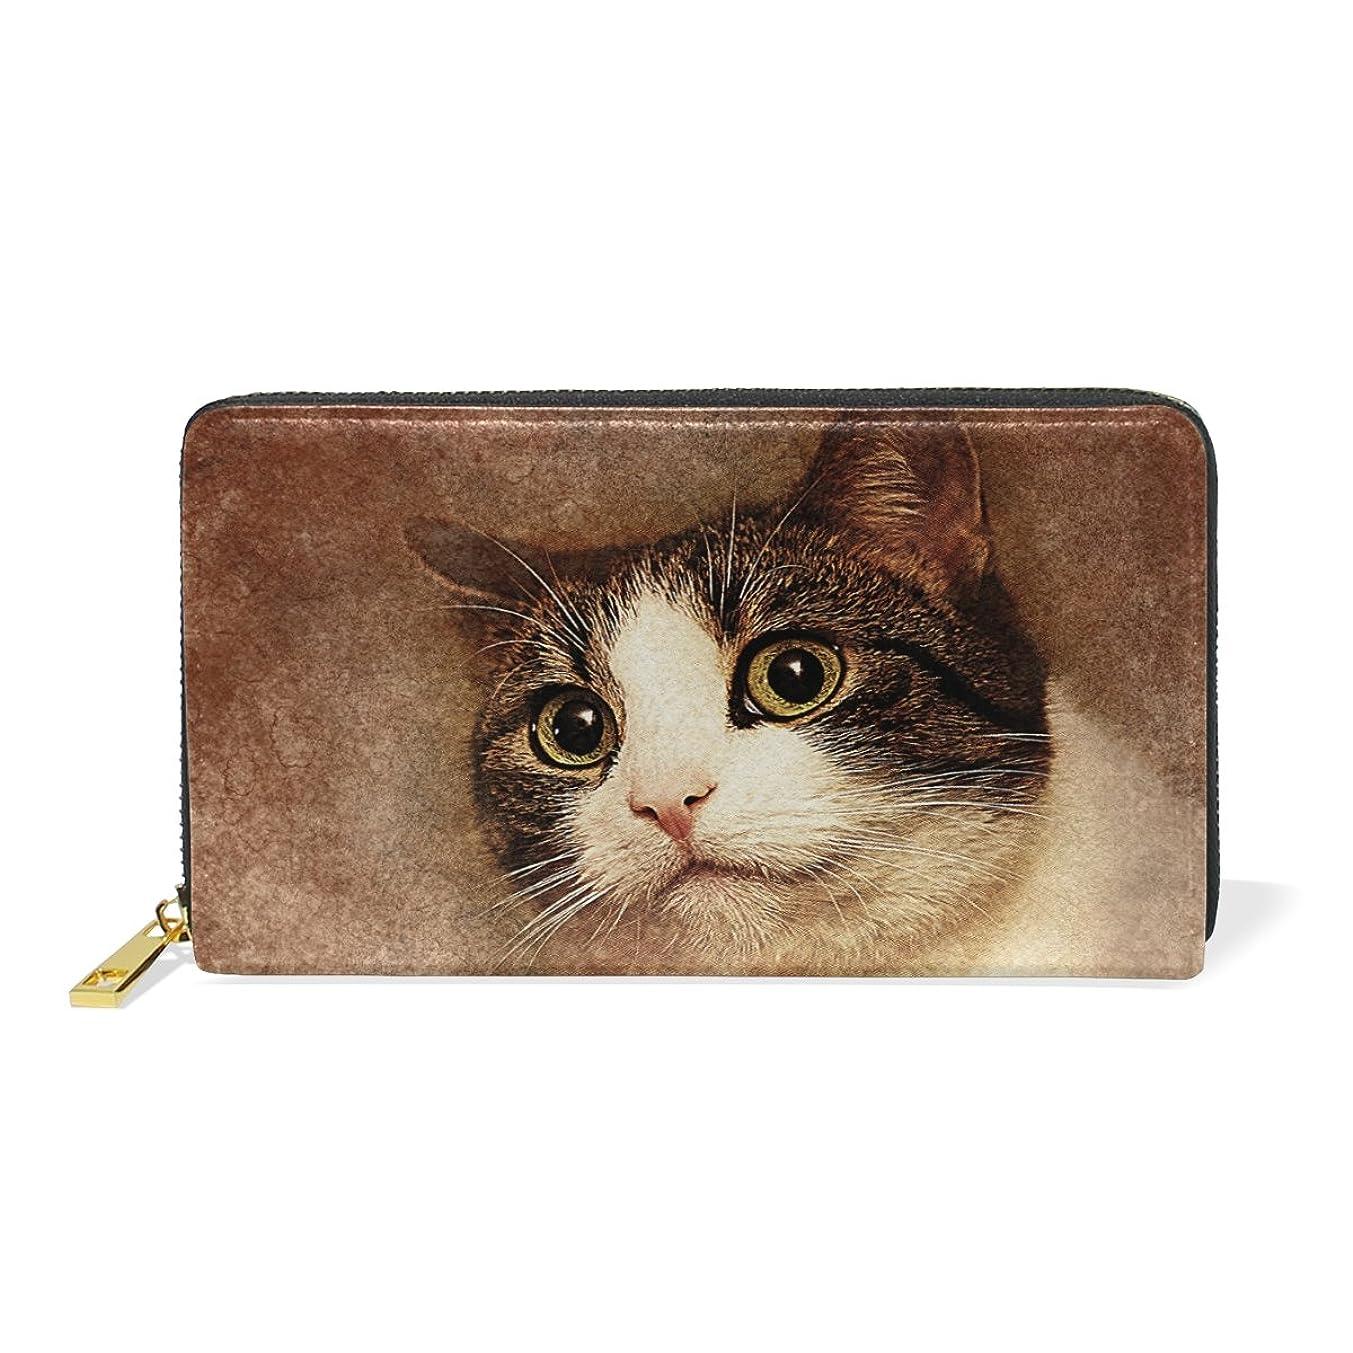 ピルしたがってコンパニオンマキク(MAKIKU) 長財布 レディース 本革 おしゃれ 大容量 ラウンドファスナー カード12枚収納 プレゼント対応 かわいい 猫柄